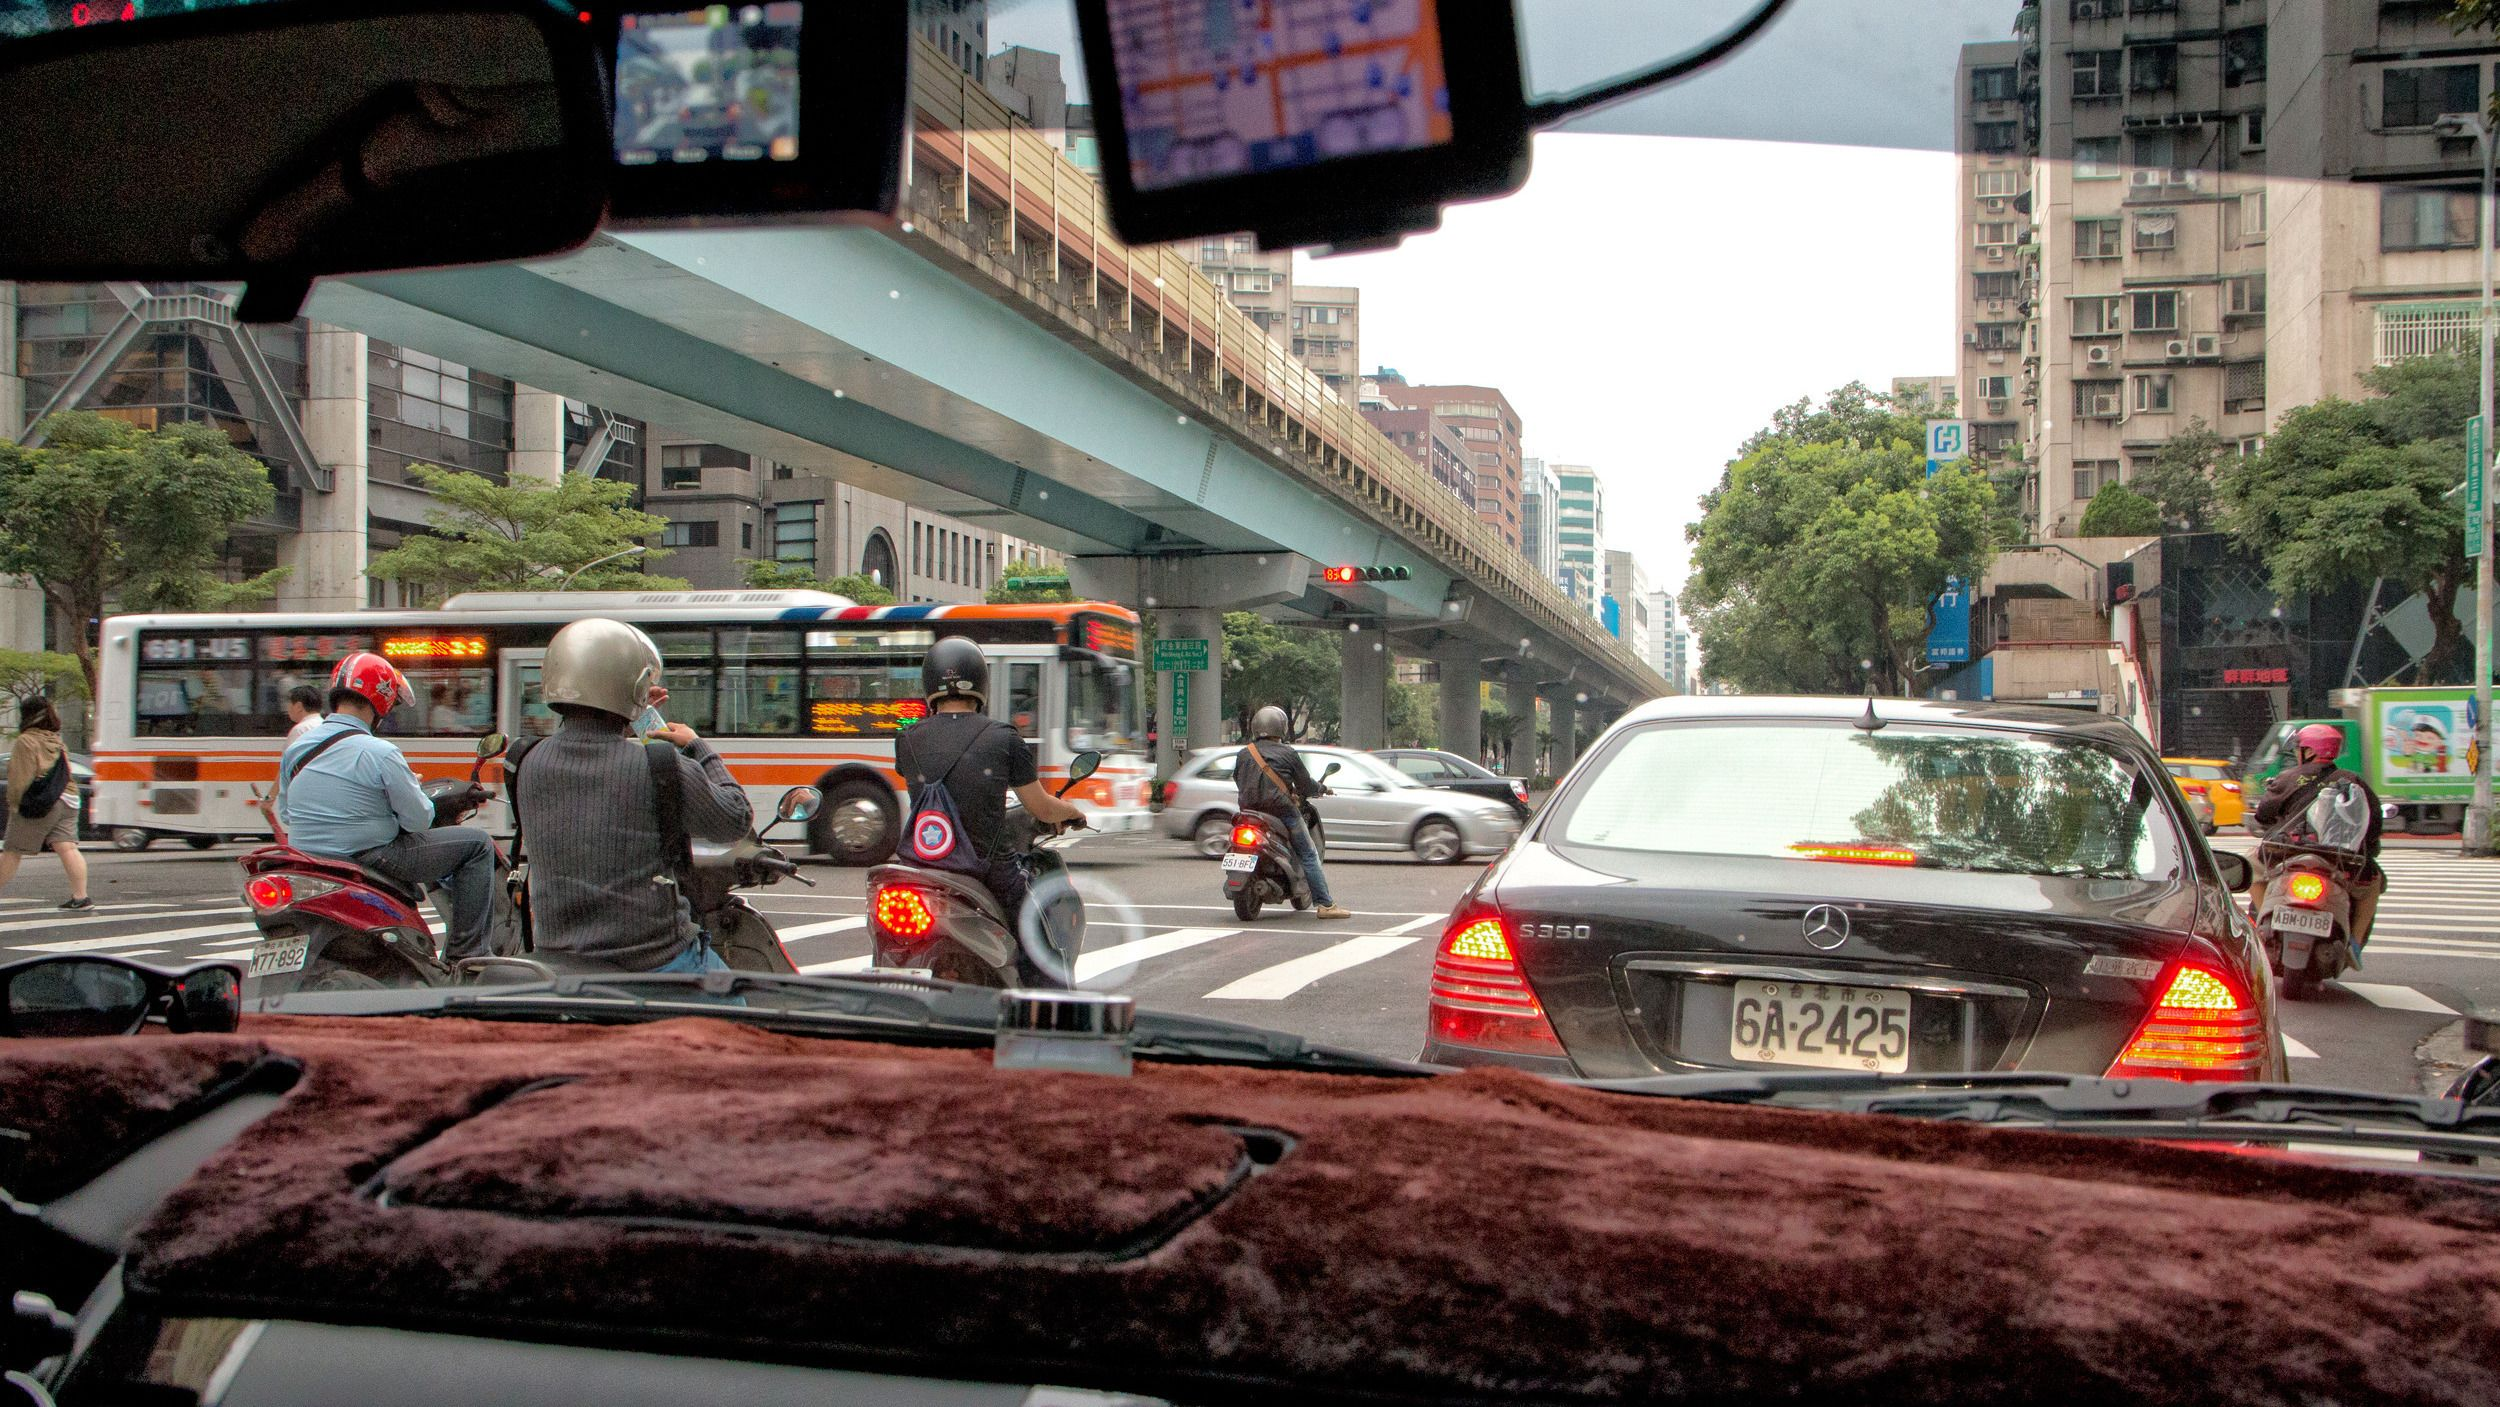 – Bil er et klassesymbol her nede, selv om det kanskje ikke synes så godt i begynnelsen. De som kjører Mercedes er som regel politikere eller offentlige myndighetspersoner. BMW-er blir kjørt av gangstere.Foto: Rolf B. Wegner, Hardware.no